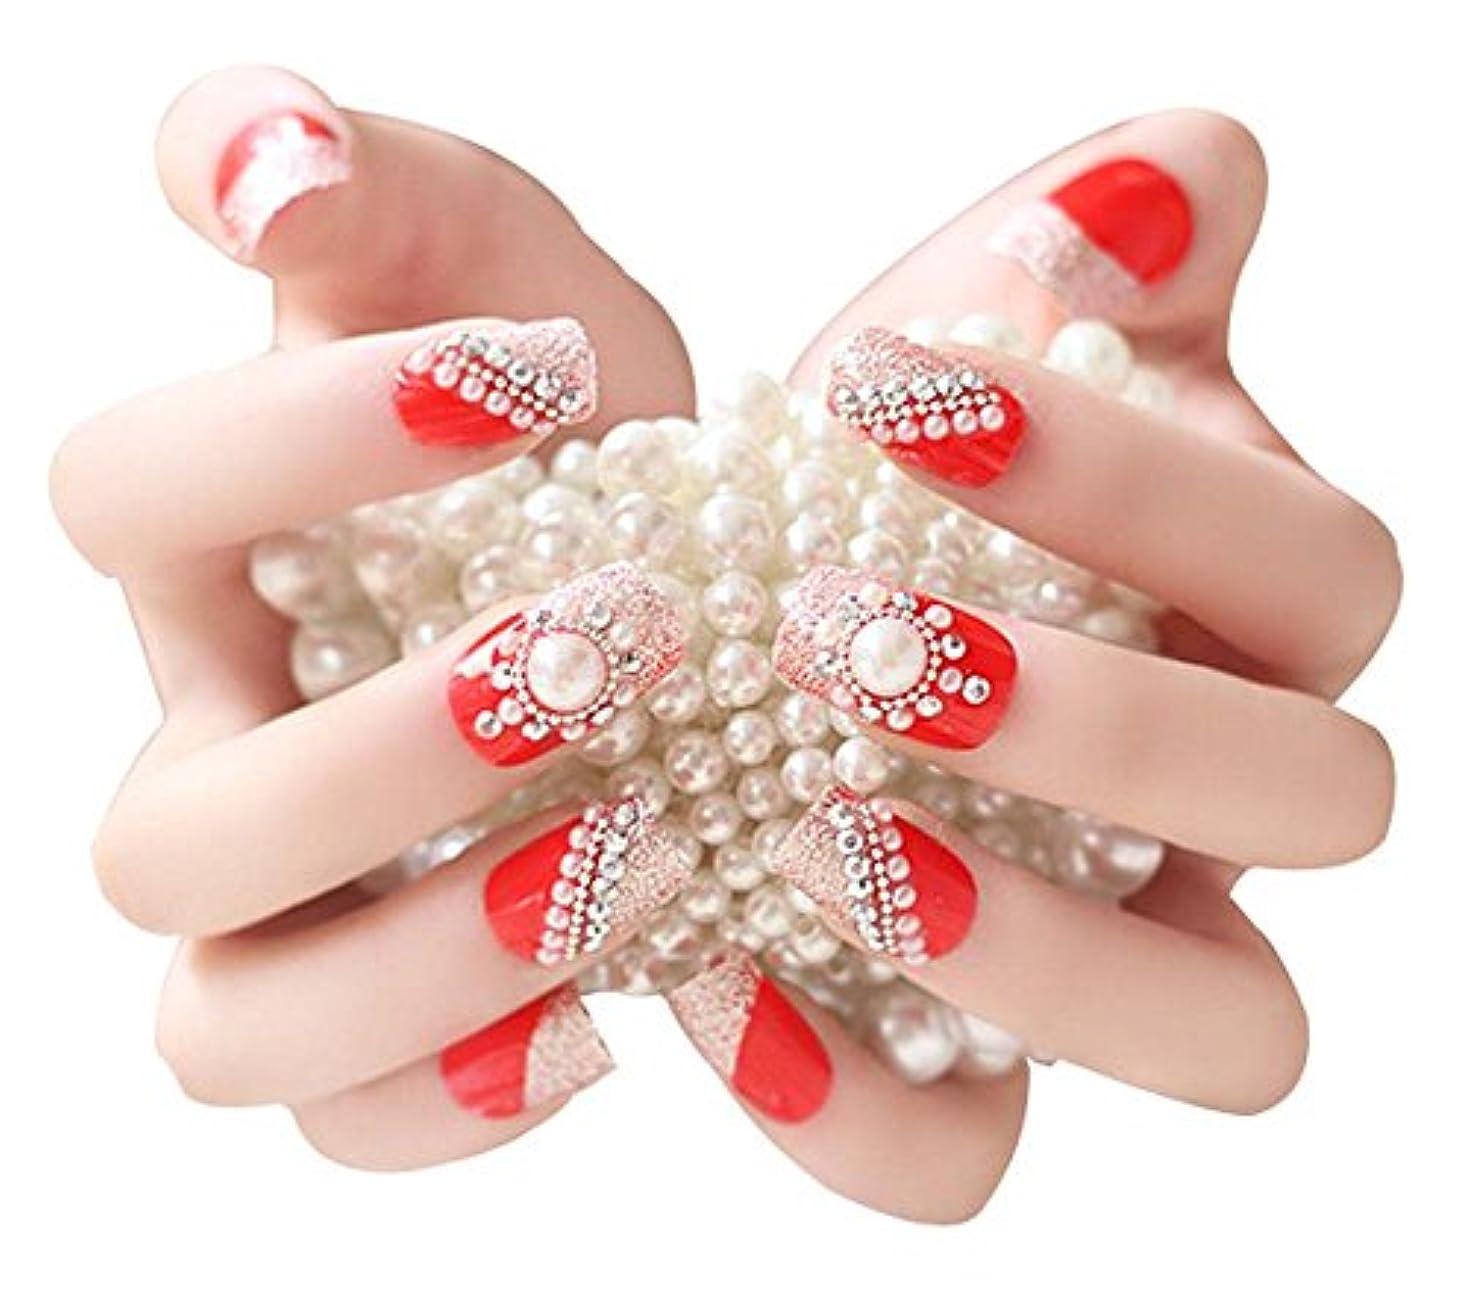 霊お気に入り公然と人工真珠ラインストーンつけ爪結婚式のメイクアップネイルアート、赤、2パック - 48枚